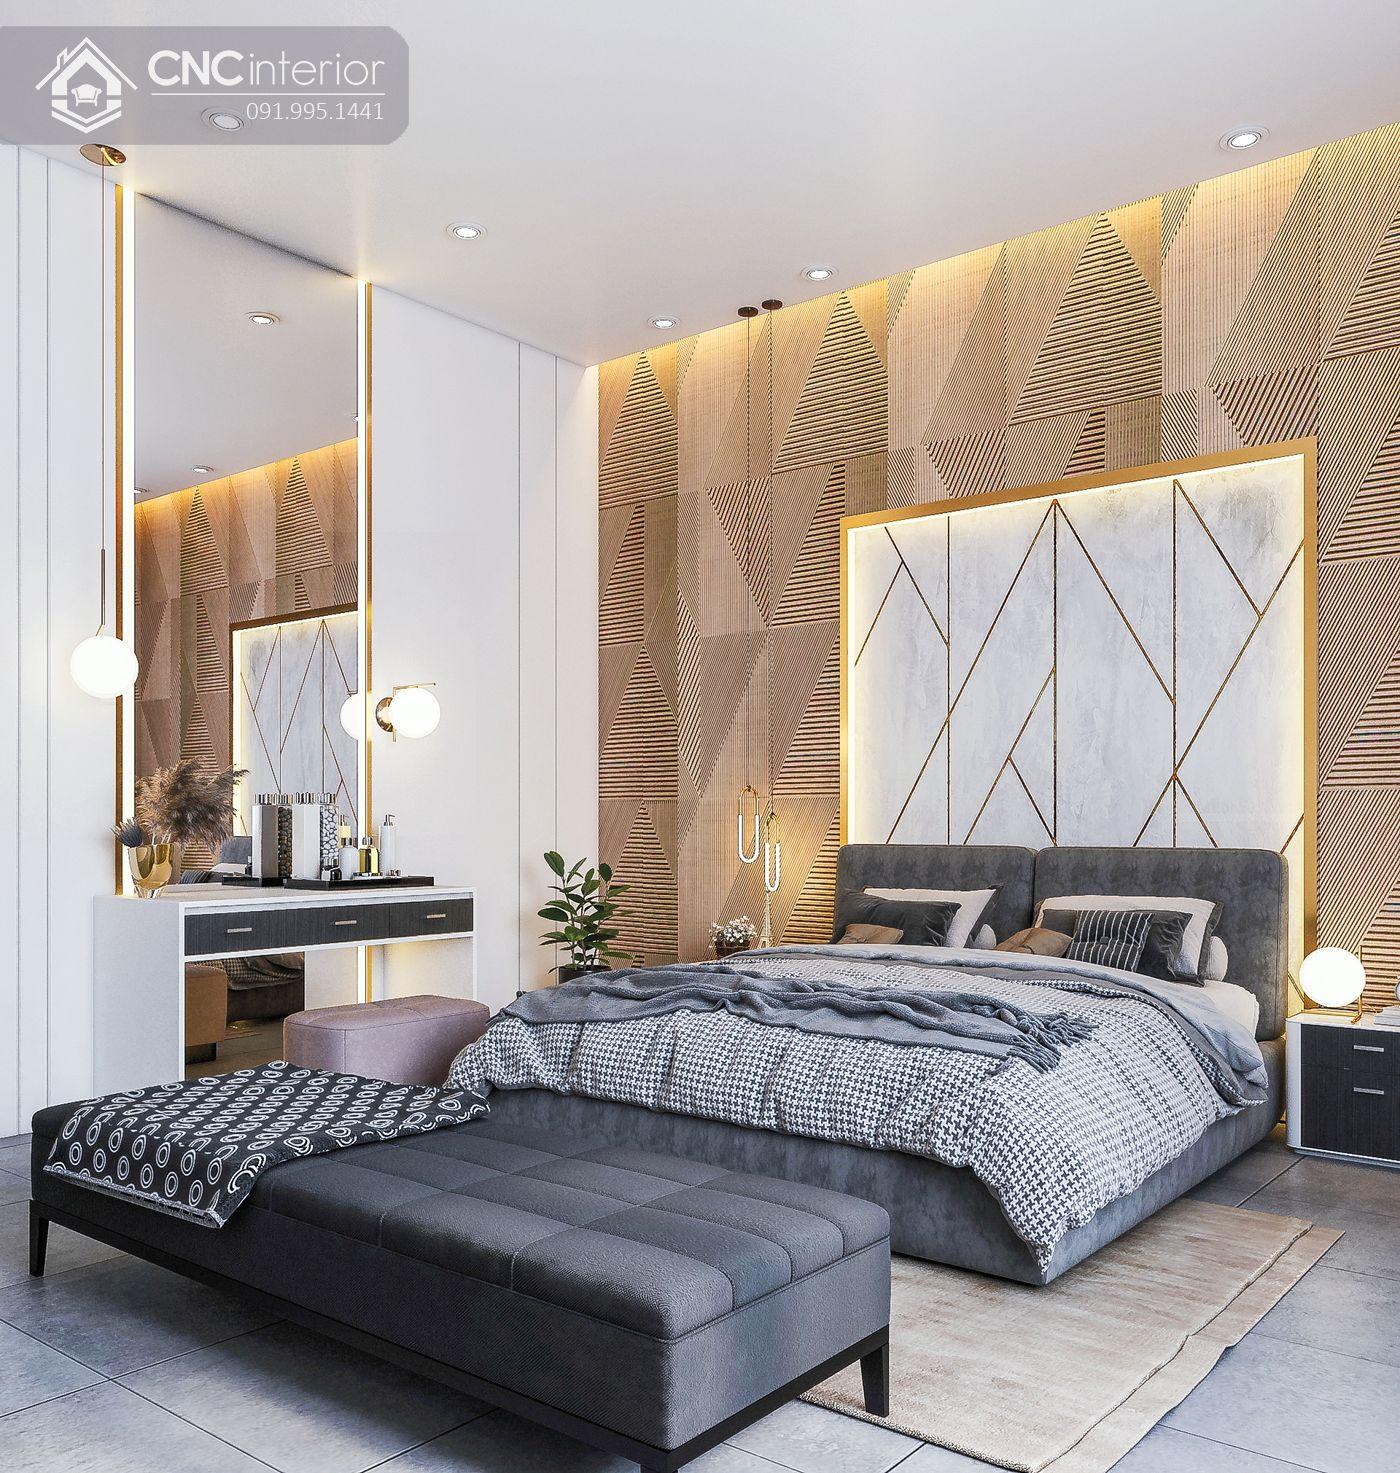 các mẫu thiết kế nội thất biệt thự đẹp 23